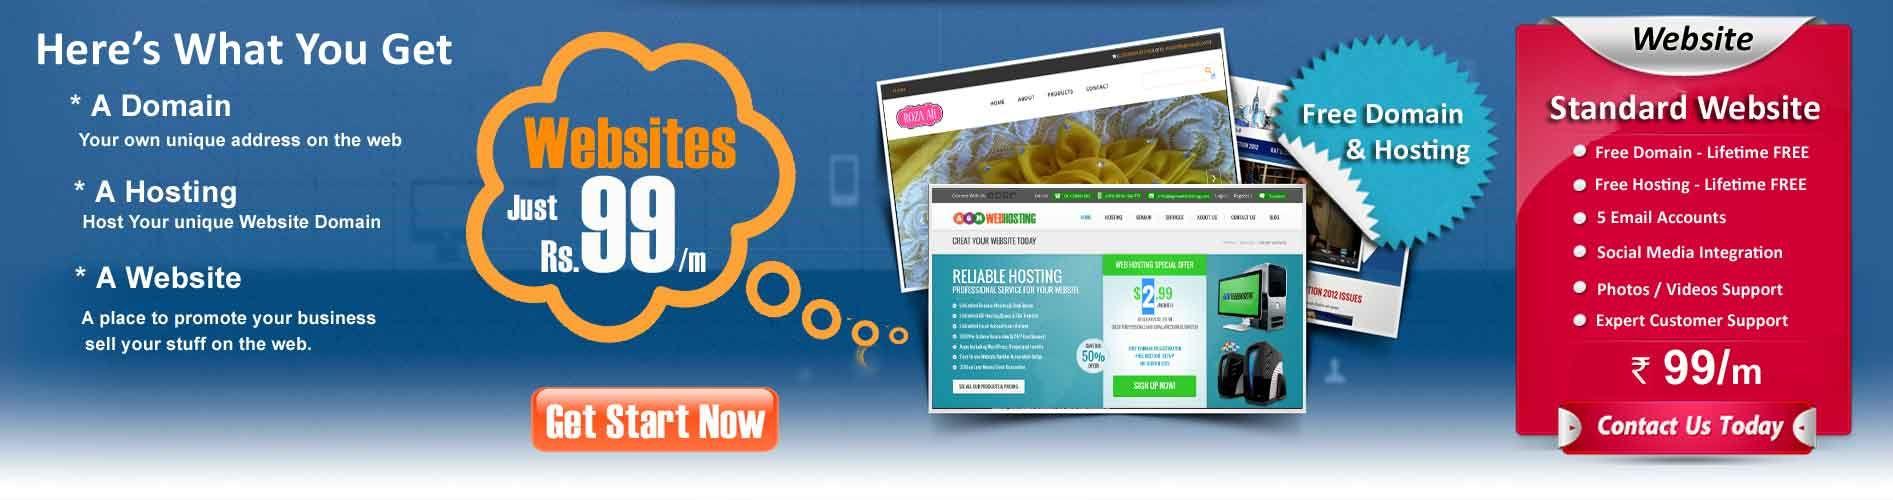 Website just rs99 website builder best website builder instant create a own website online website builder make your own website creating a website website template building your own websitedo it yourself solutioingenieria Gallery